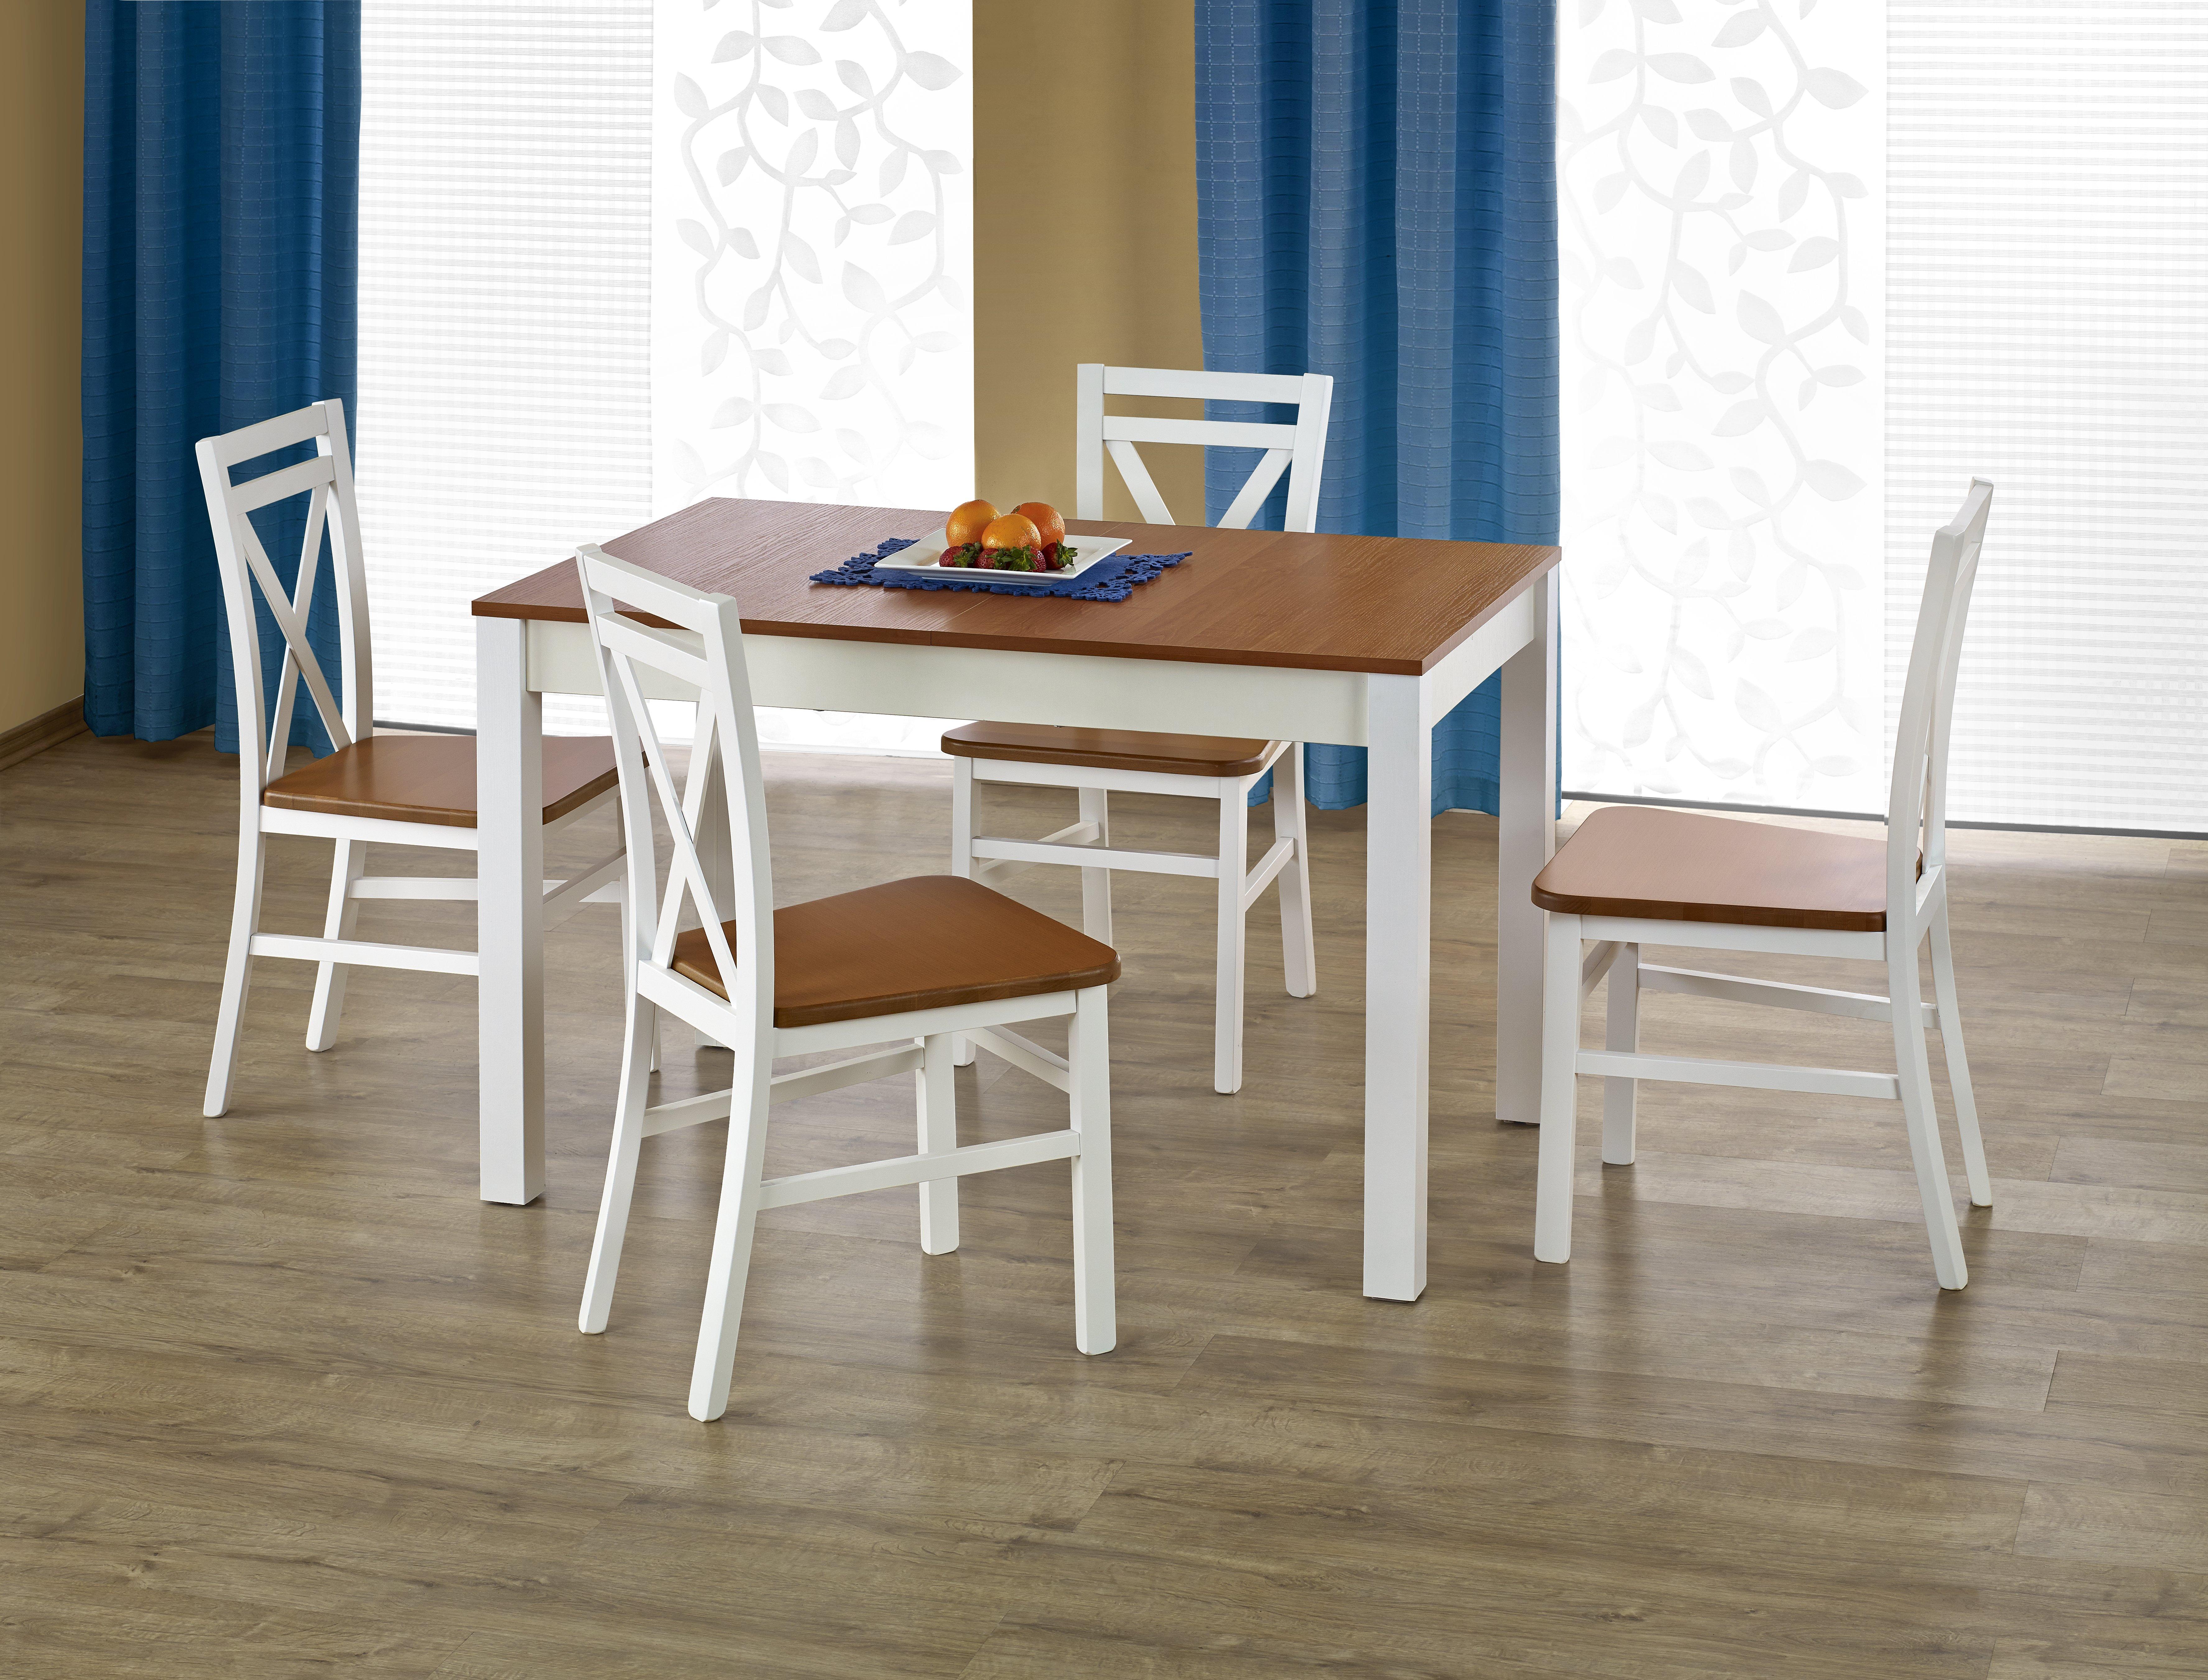 Jedálenský stôl - Halmar - Ksawery (jelša + biela) (pre 4 osoby). Sme autorizovaný predajca Halmar. Vlastná spoľahlivá doprava až k Vám domov.